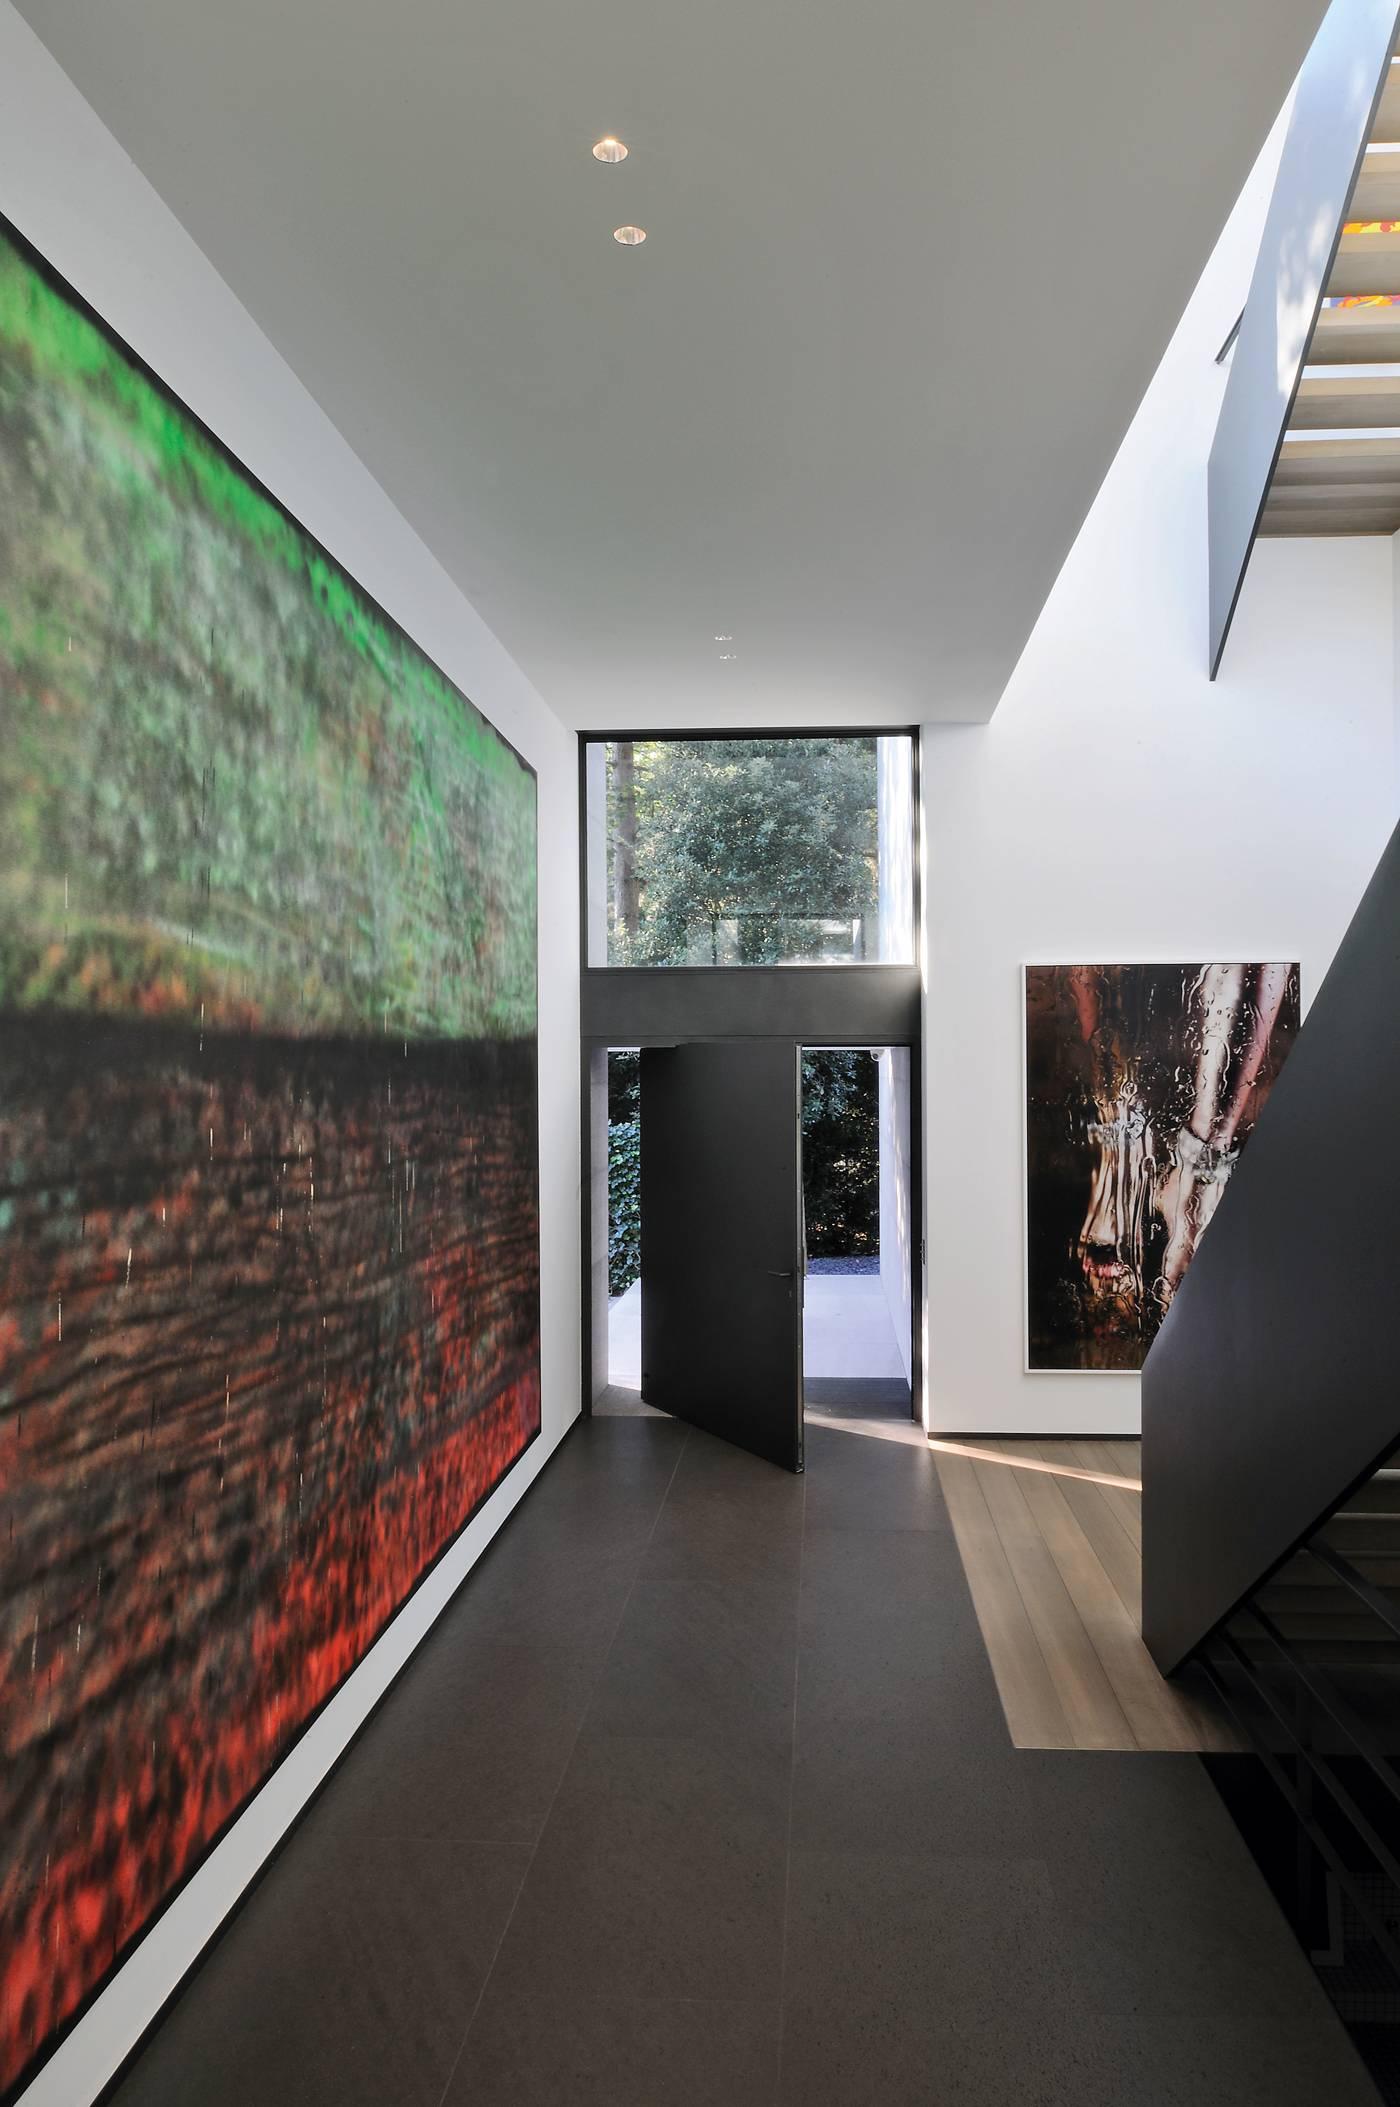 Le-luxe-de-lespace-architecture-rd-115_m-corbiau-hamoir-5